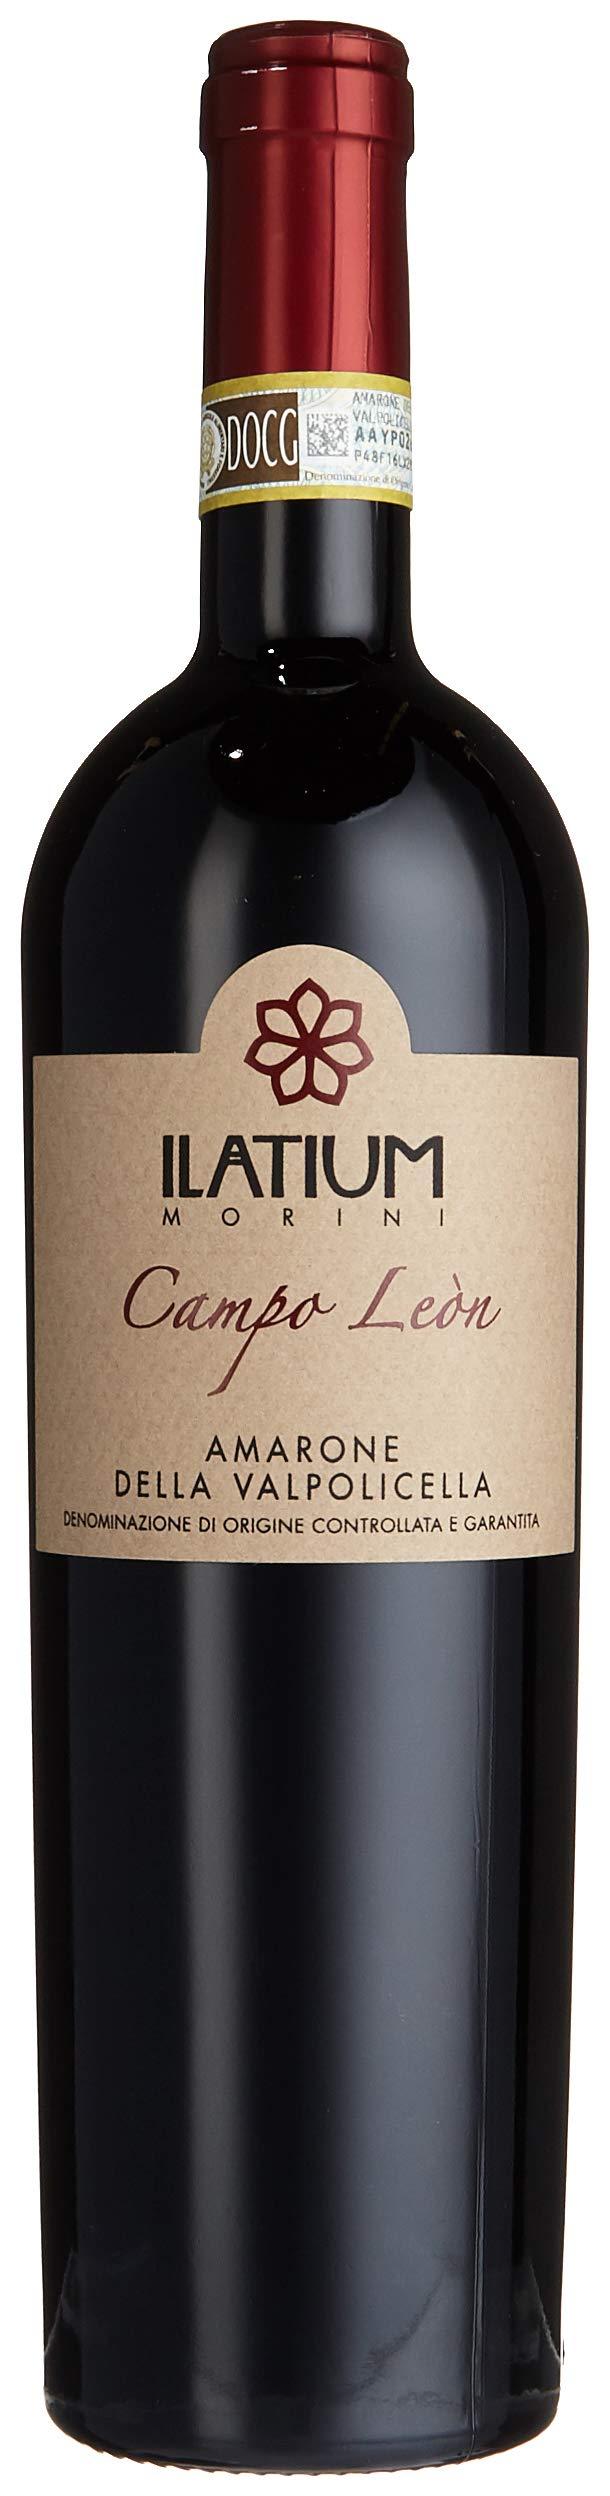 ILatium-Morini-Amarone-delle-Valpolicella-Campo-Len-DOC-Cuve-2012-Trocken-1-x-075-l